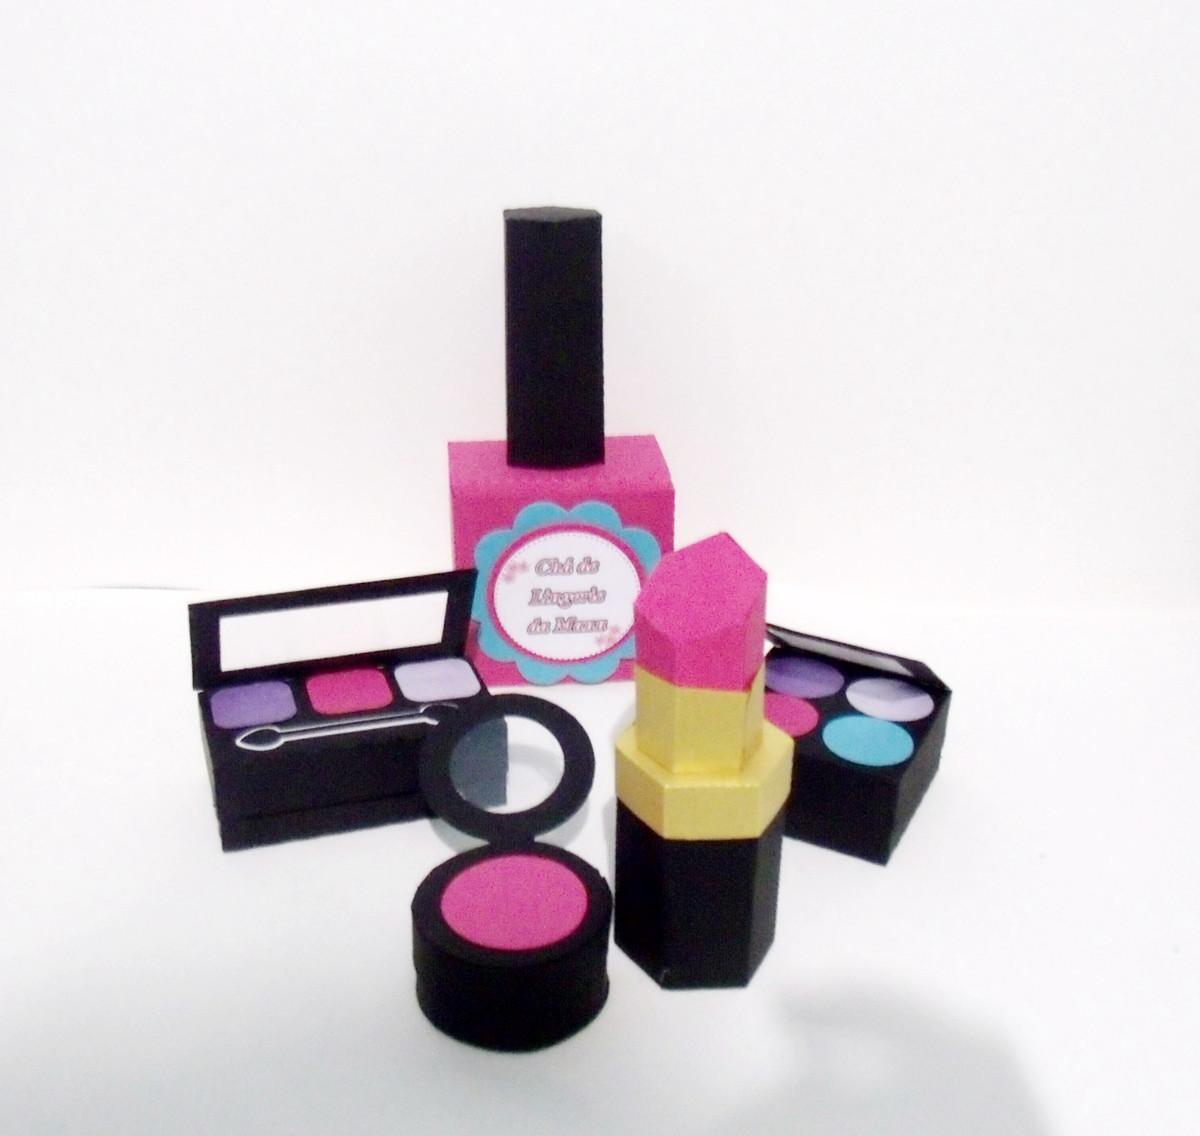 Enfeite De Kit ~ Enfeite de Mesa kit maquiagem Ateli u00ea Lia Figueiredo Elo7